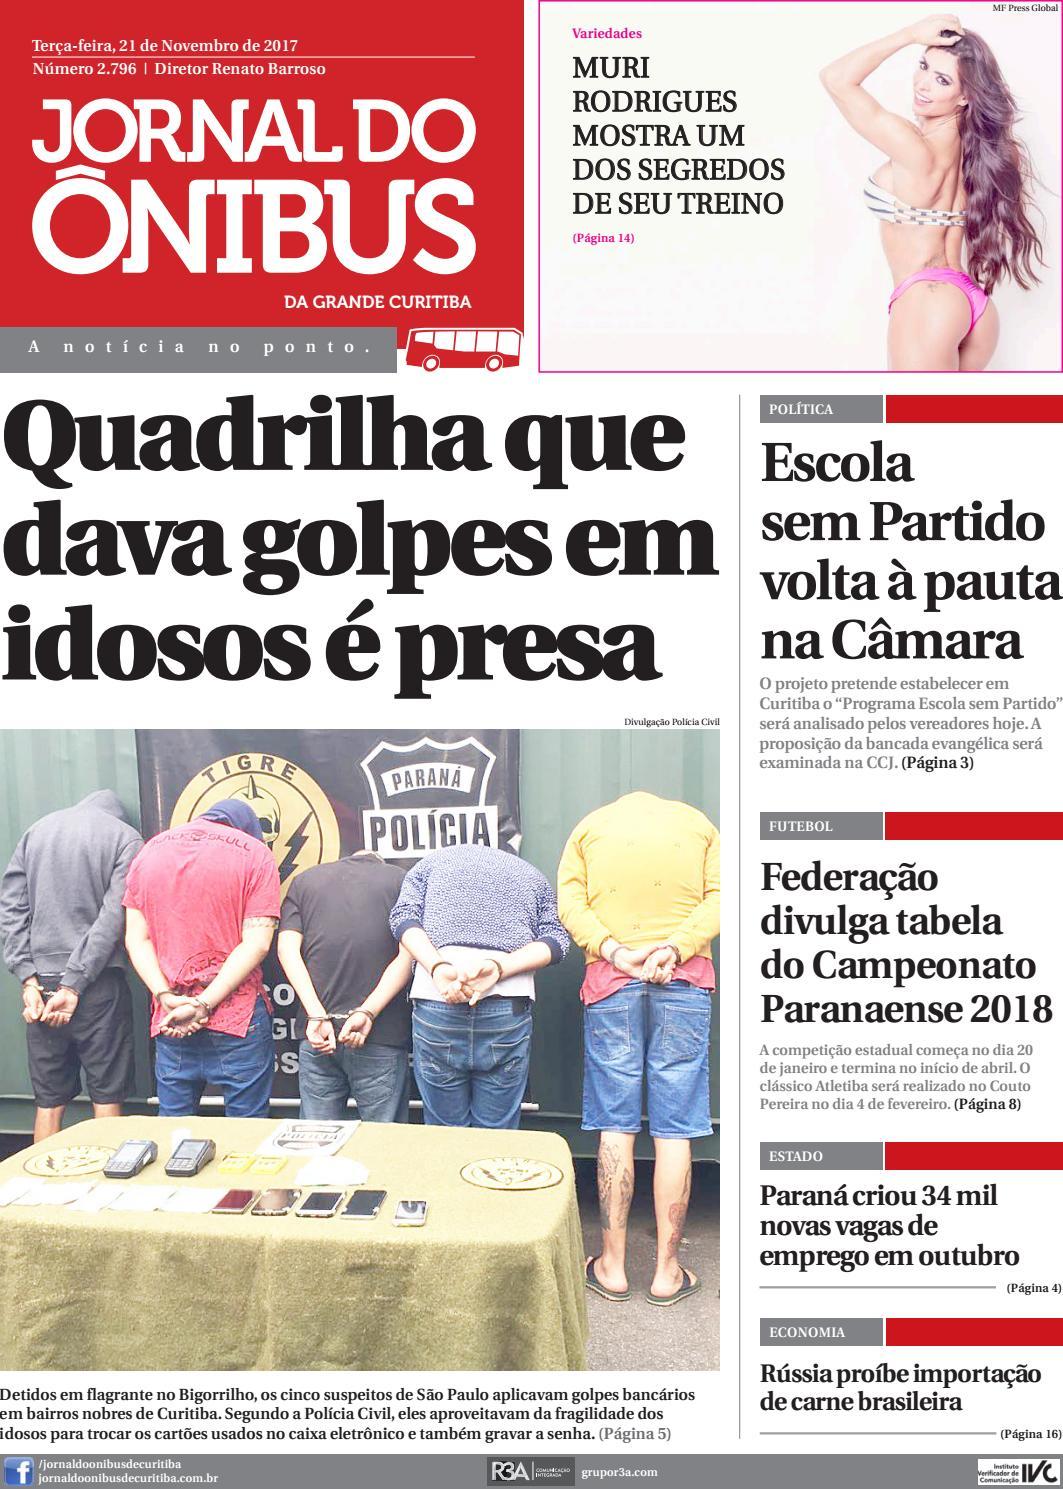 84cbd2180fa05 Jornal do Ônibus de Curitiba - 21 11 17 by Editora Correio Paranaense -  issuu